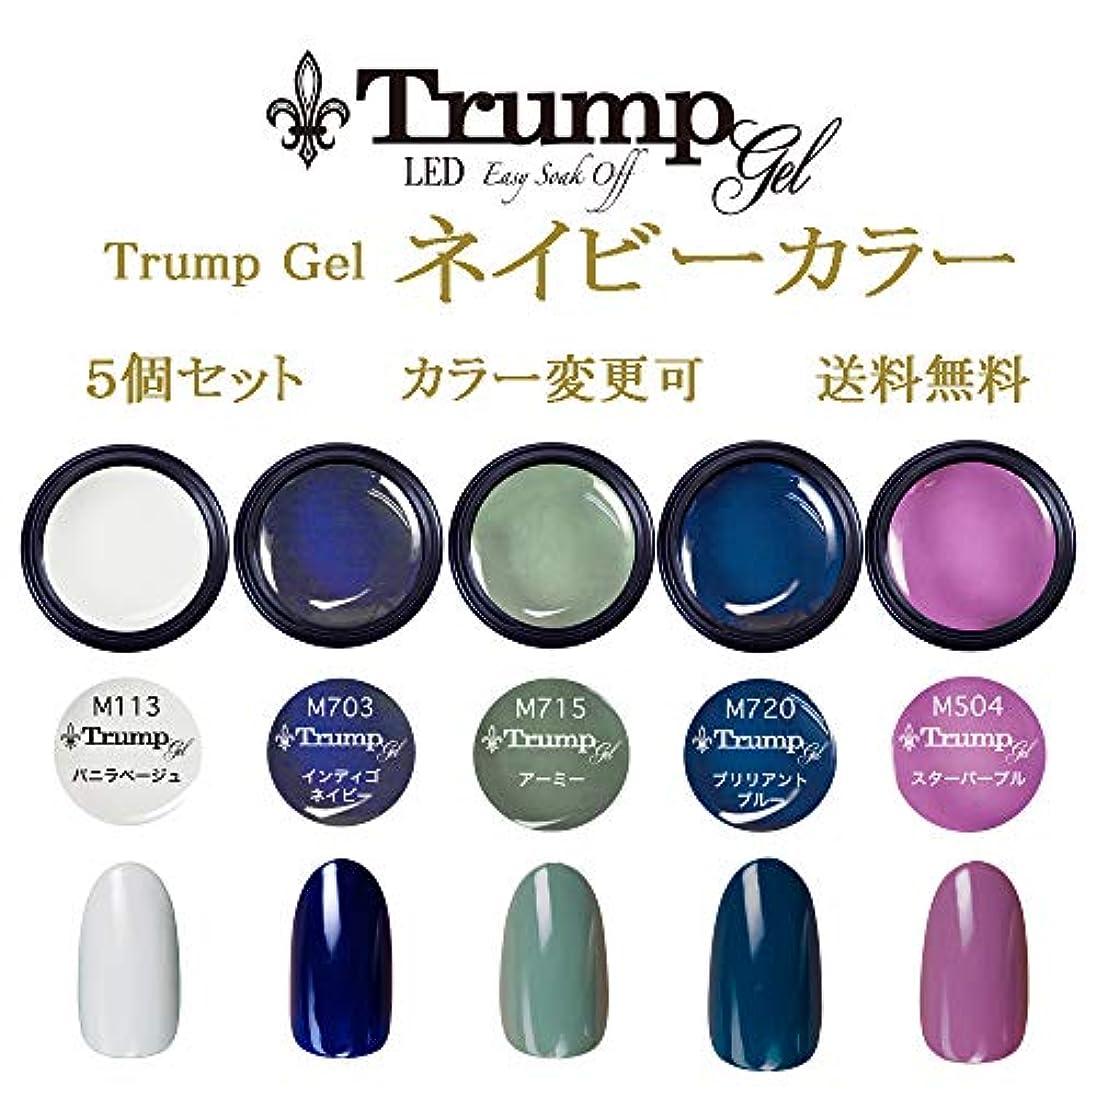 はさみ精神医学ジレンマ日本製 Trump gel トランプジェル ネイビーカラー 選べる カラージェル 5個セット ホワイト ブルー ネイビー パープル カーキ グリーン